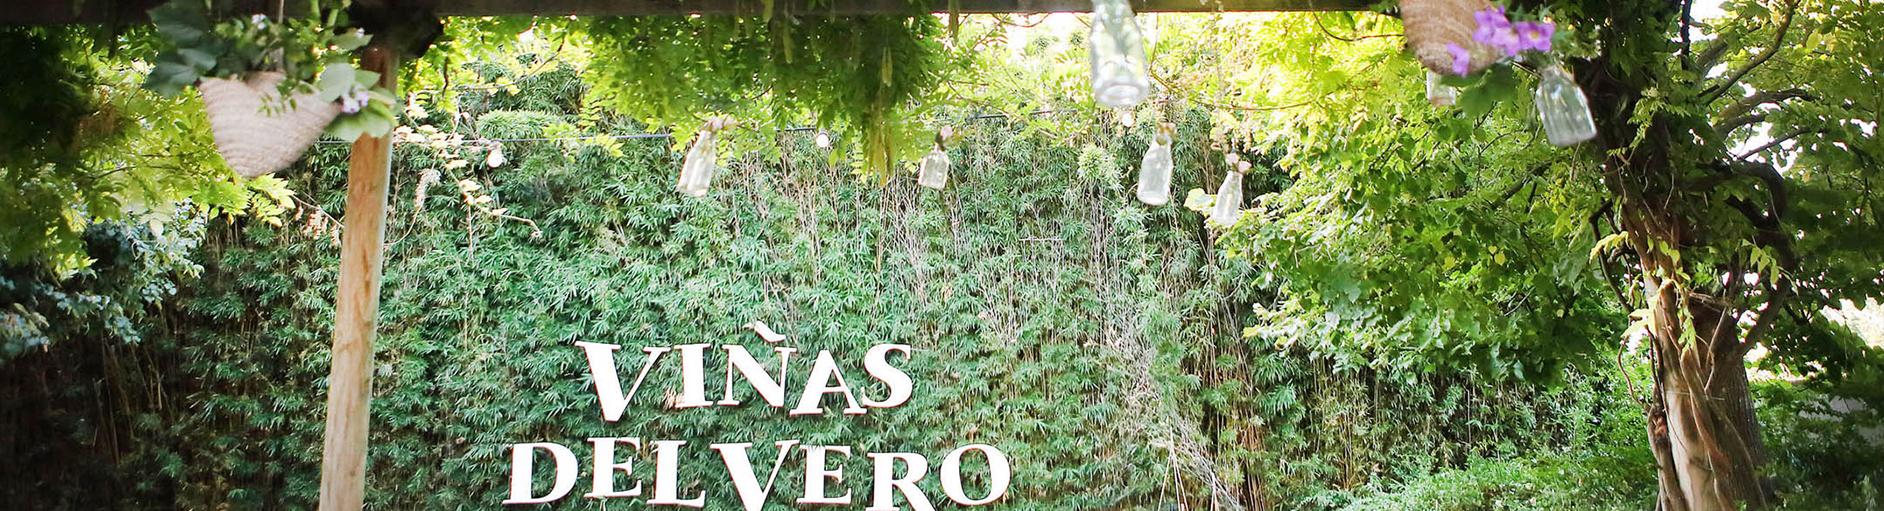 Bodegas Viñas del Vero